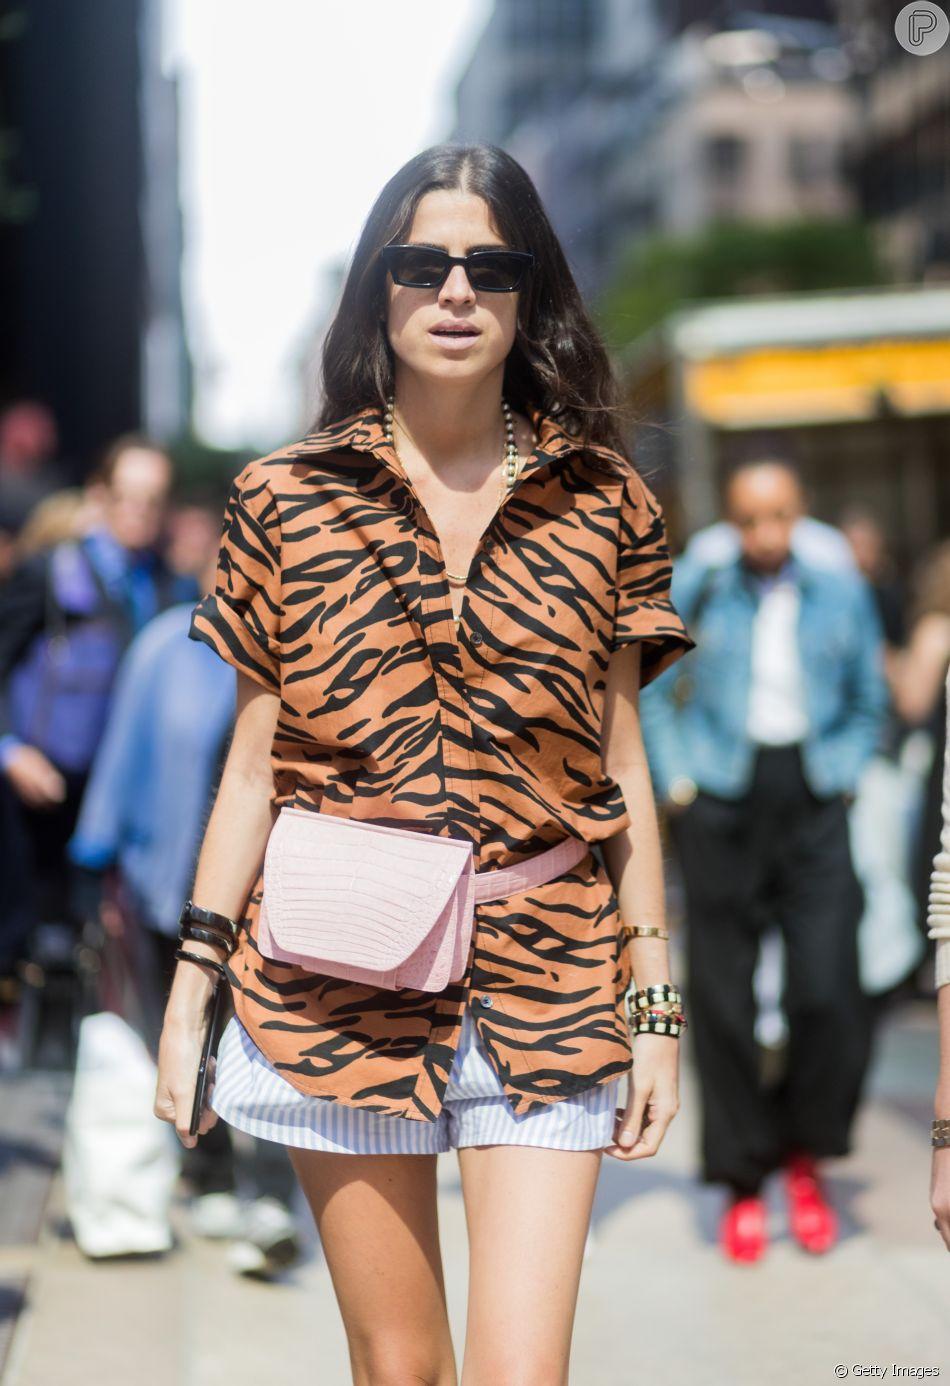 ec3552bc0 Animal print  a tendência que é a cara da moda de verão - Purepeople